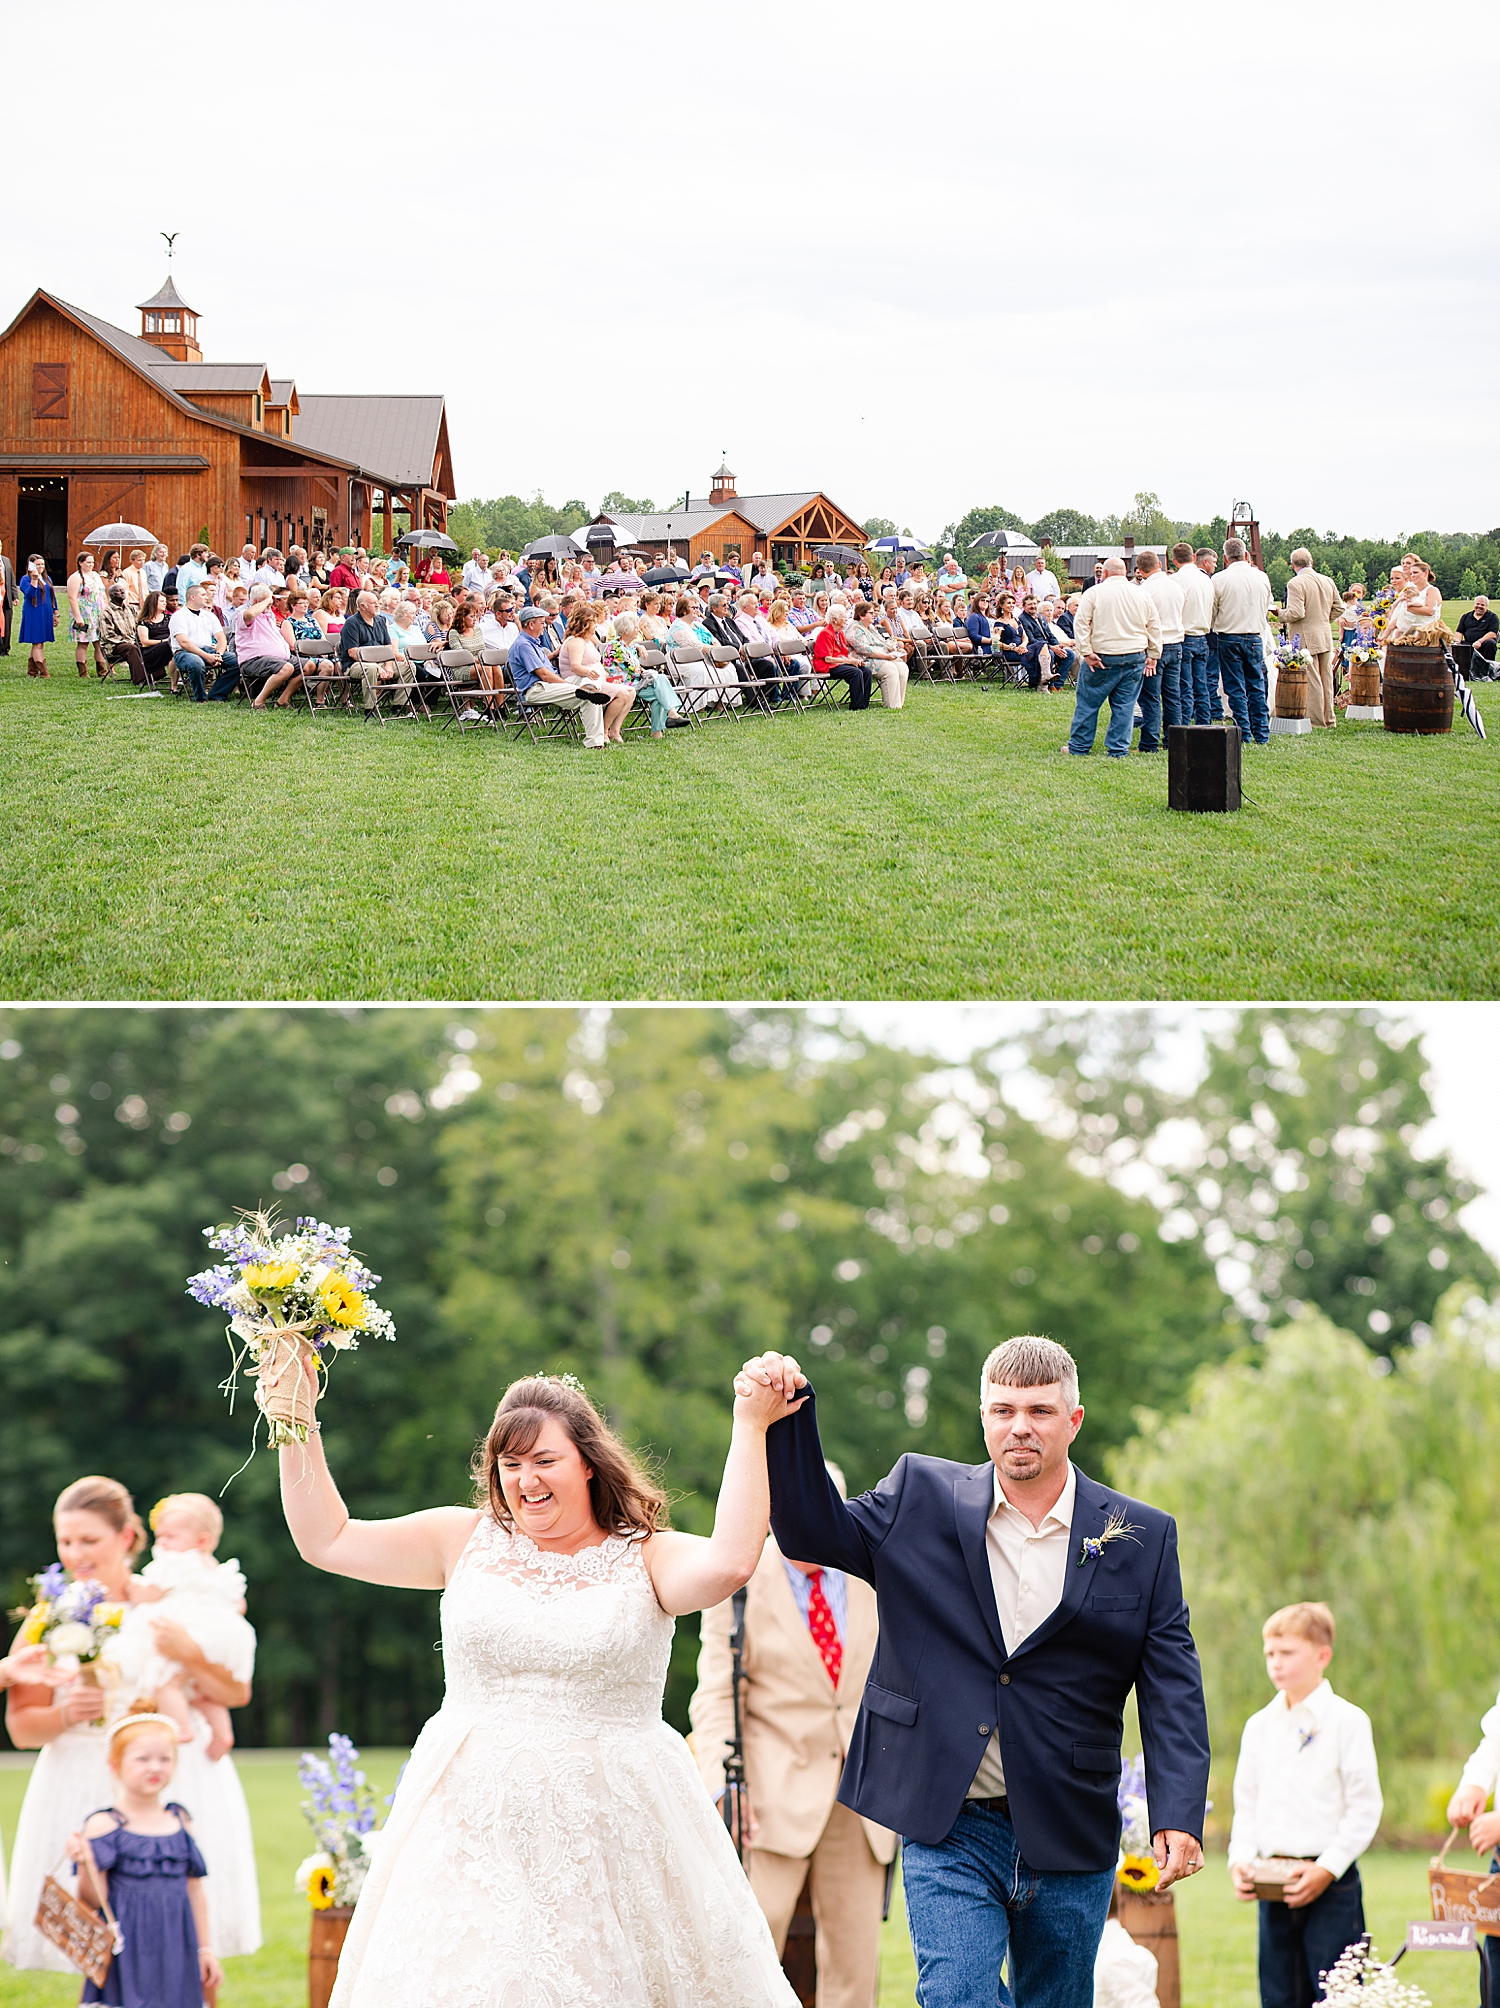 Atkinson Farms Spring Wedding Photo_1060.jpg